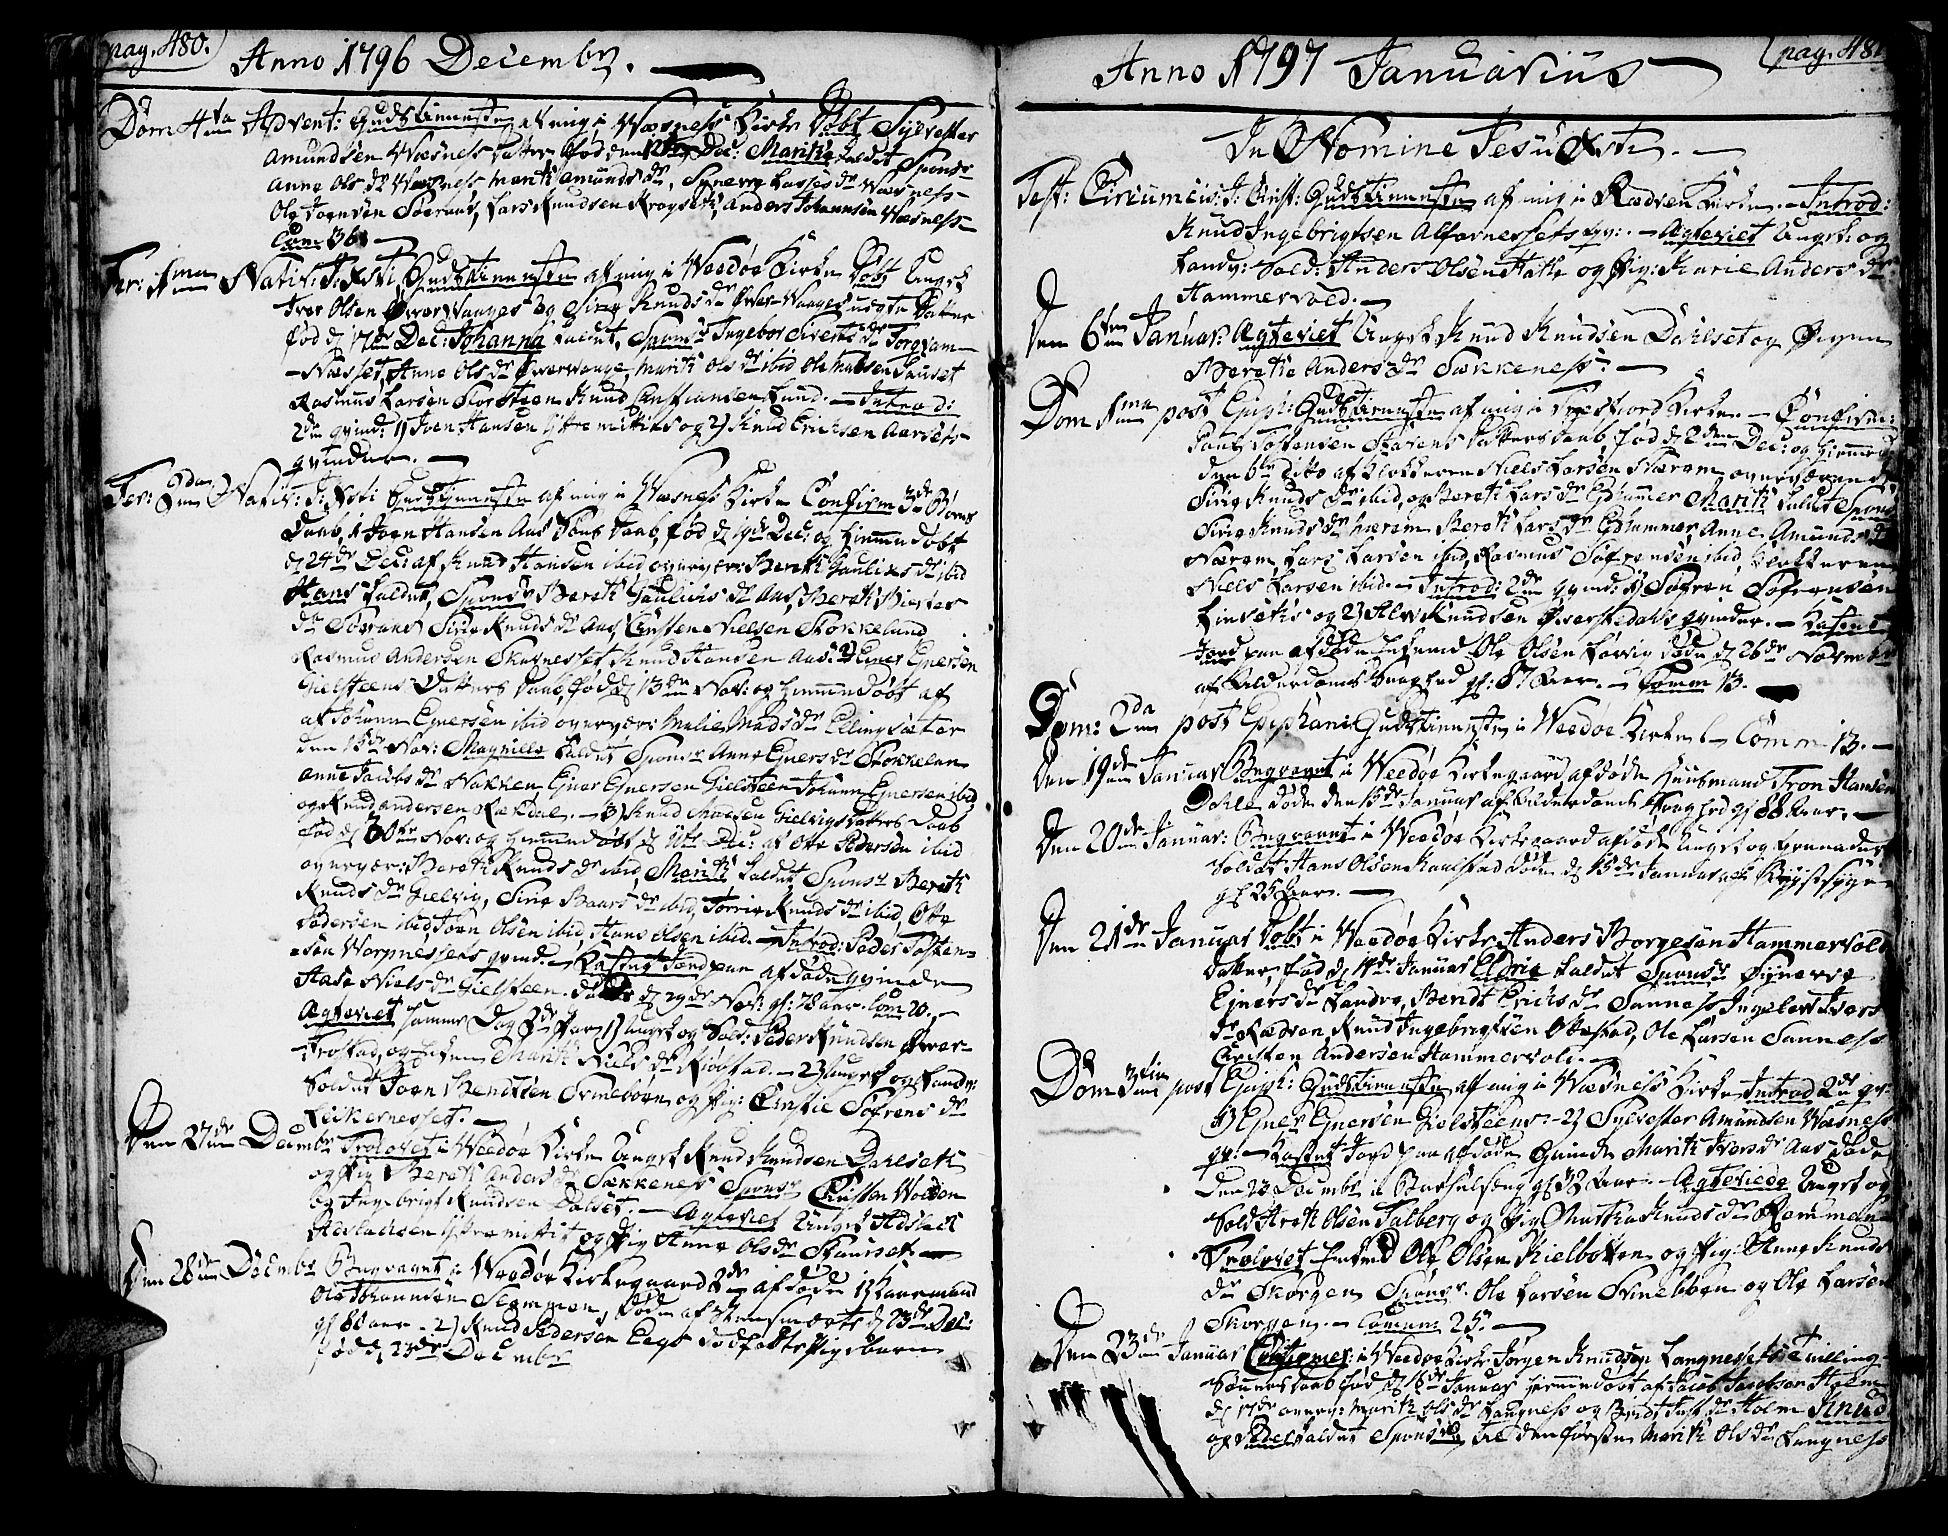 SAT, Ministerialprotokoller, klokkerbøker og fødselsregistre - Møre og Romsdal, 547/L0600: Ministerialbok nr. 547A02, 1765-1799, s. 480-481